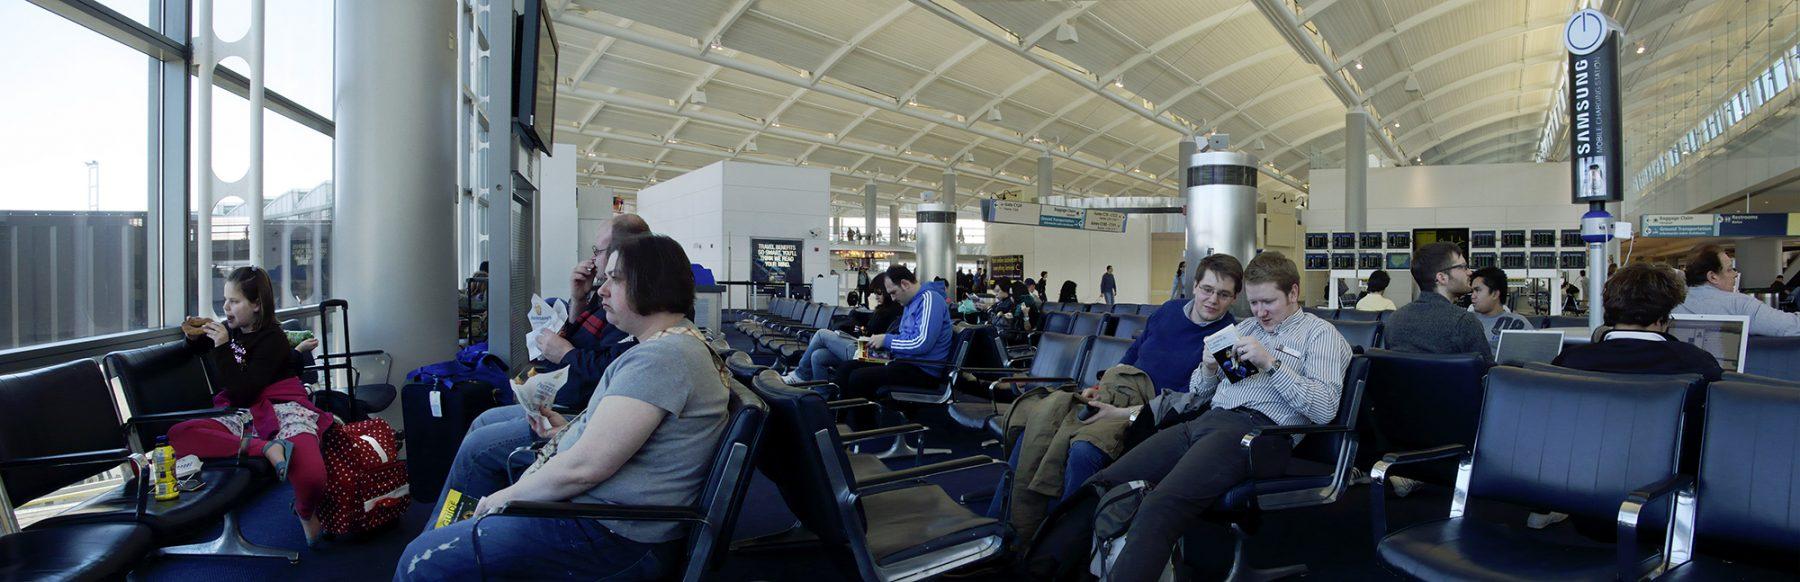 Flughafen Kopie